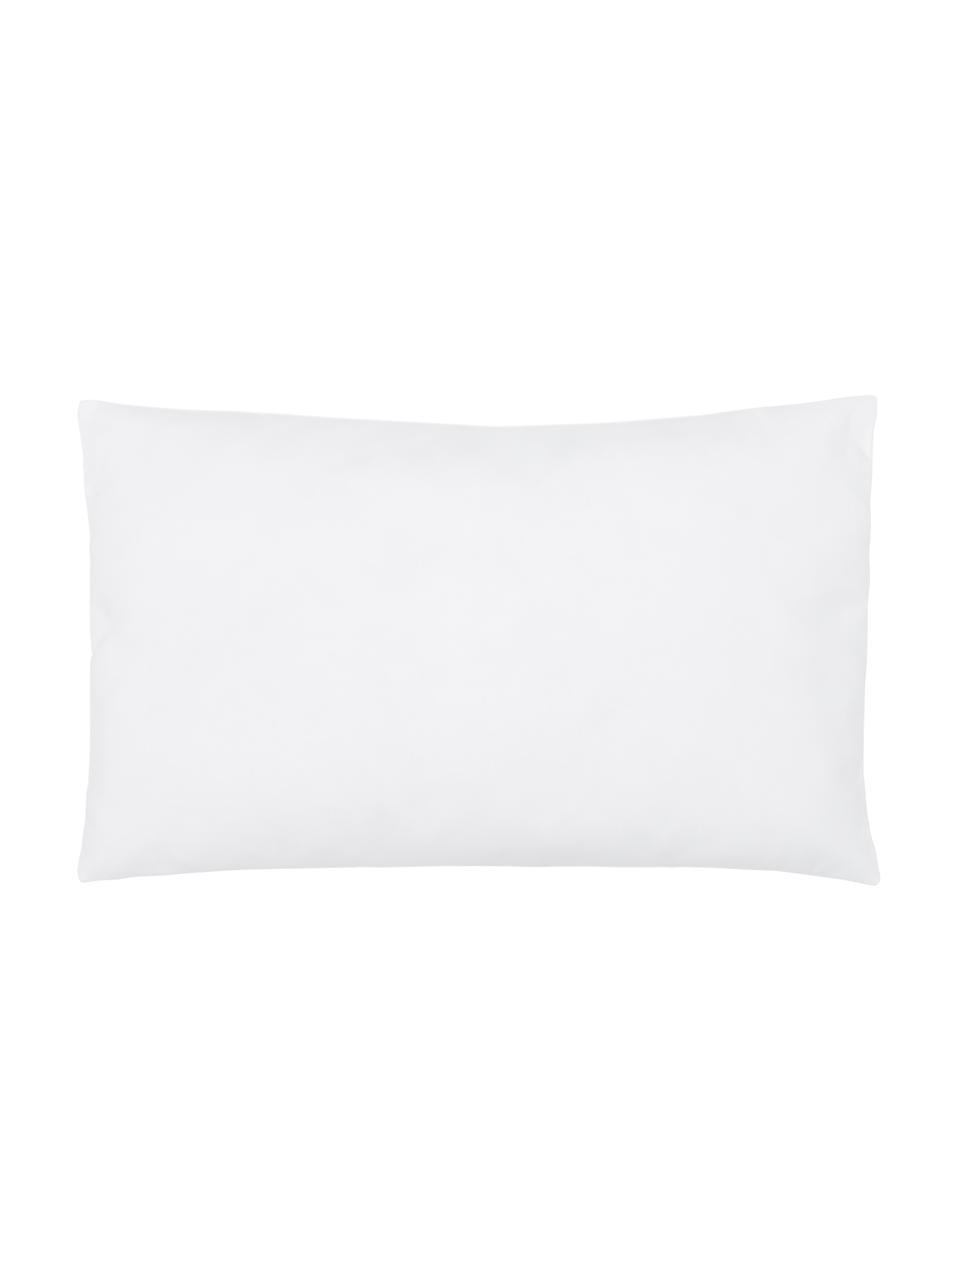 Imbottitura cuscino in microfibra Sia, 30 x 50, Bianco, Larg. 30 x Lung. 50 cm